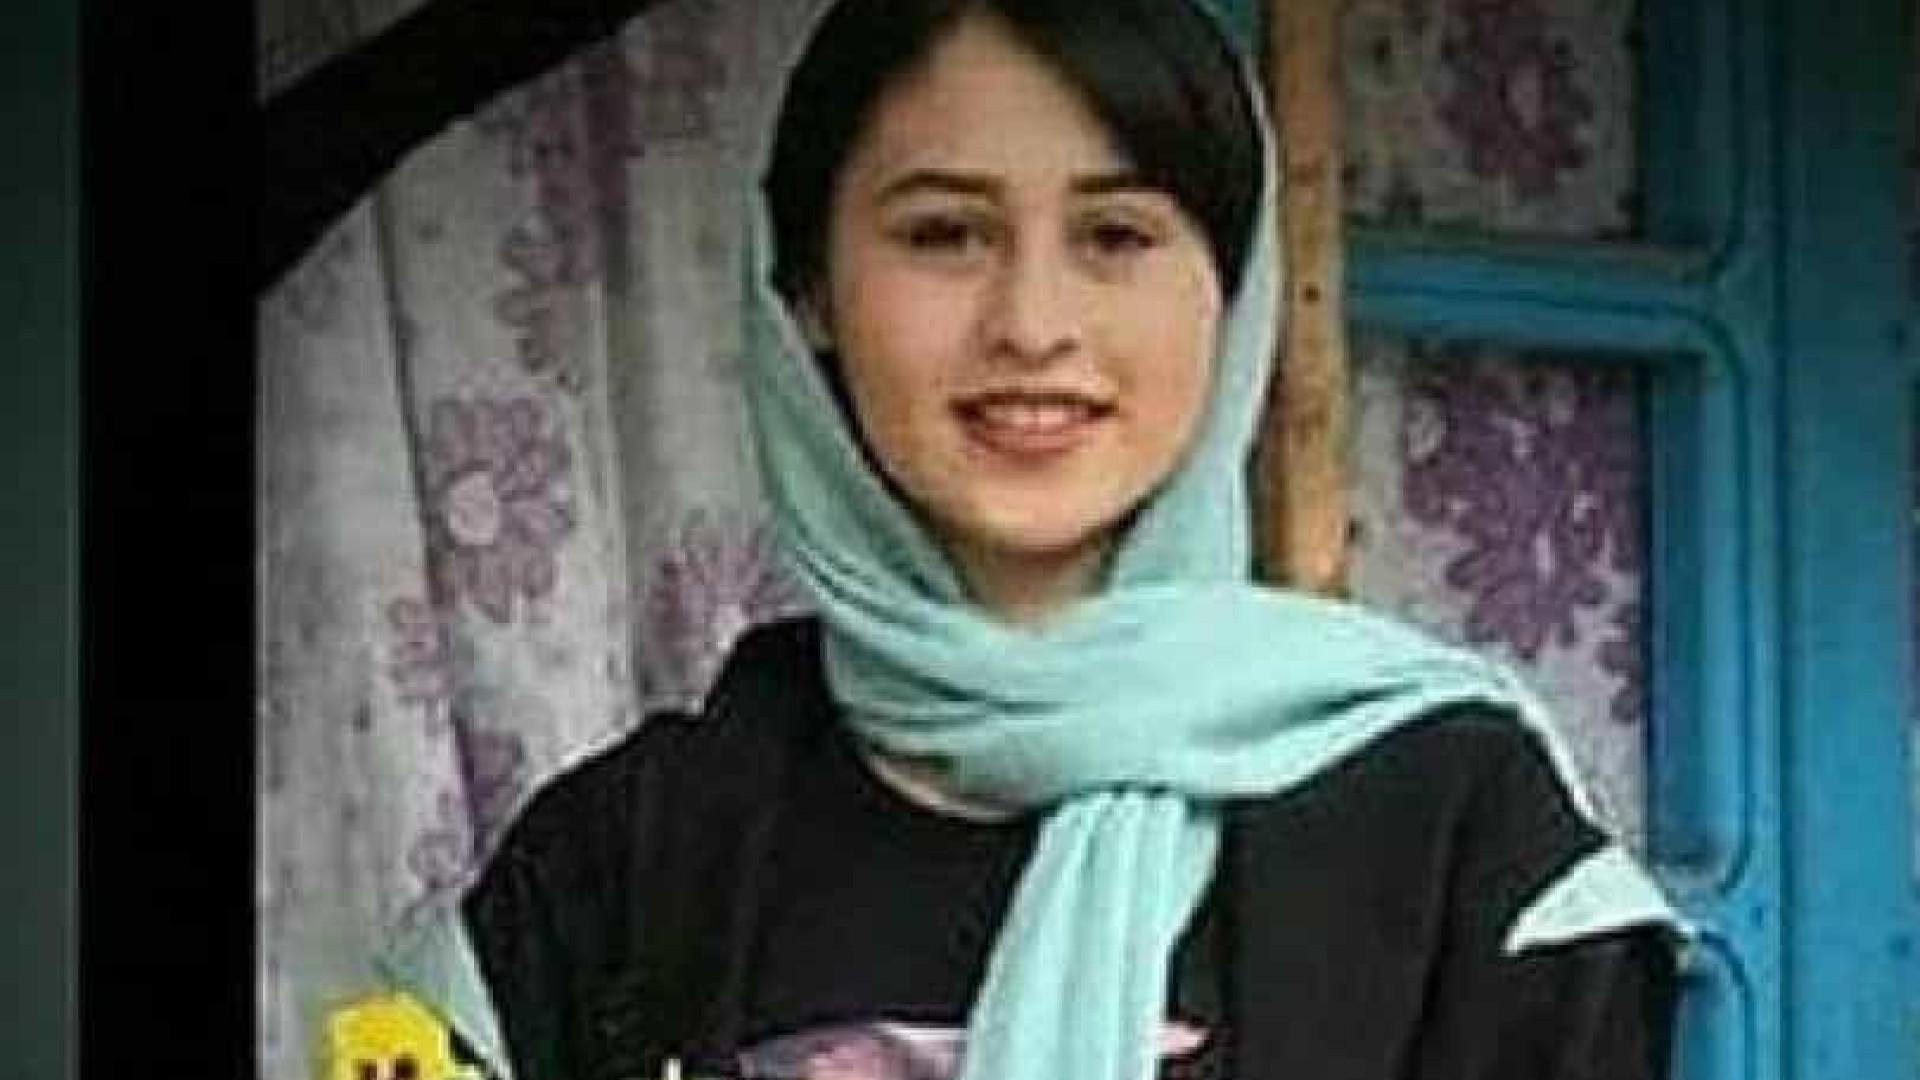 Pai decapita filha de 13 anos por ter fugido com homem mais velho